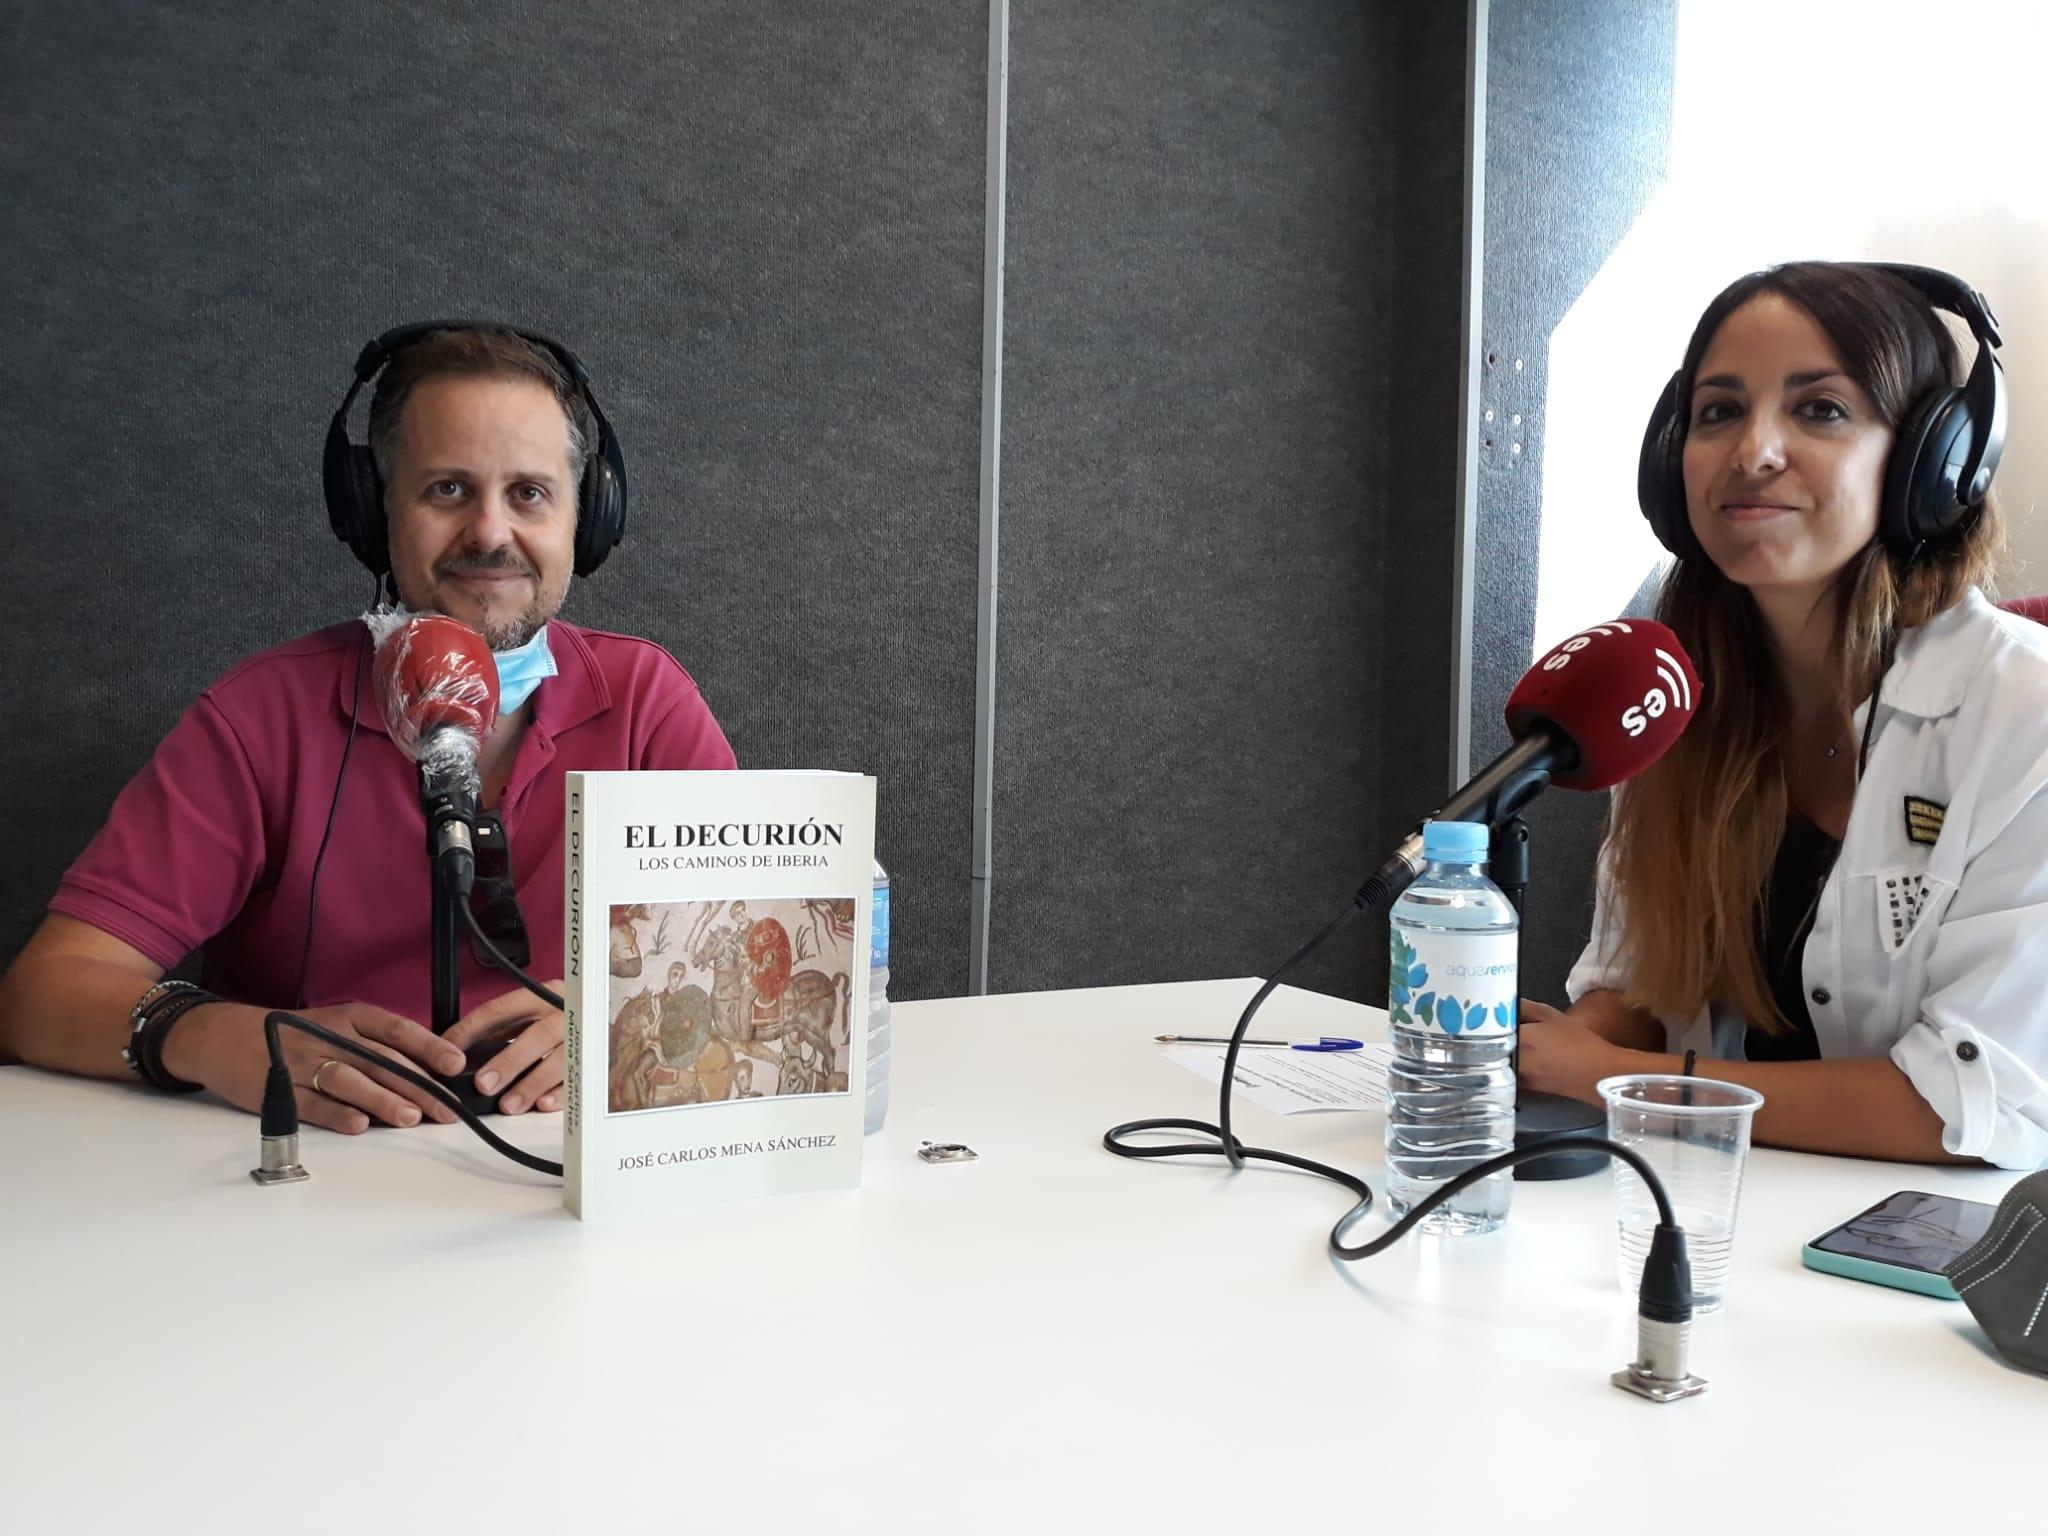 José Carlos Mena y Laura Montes